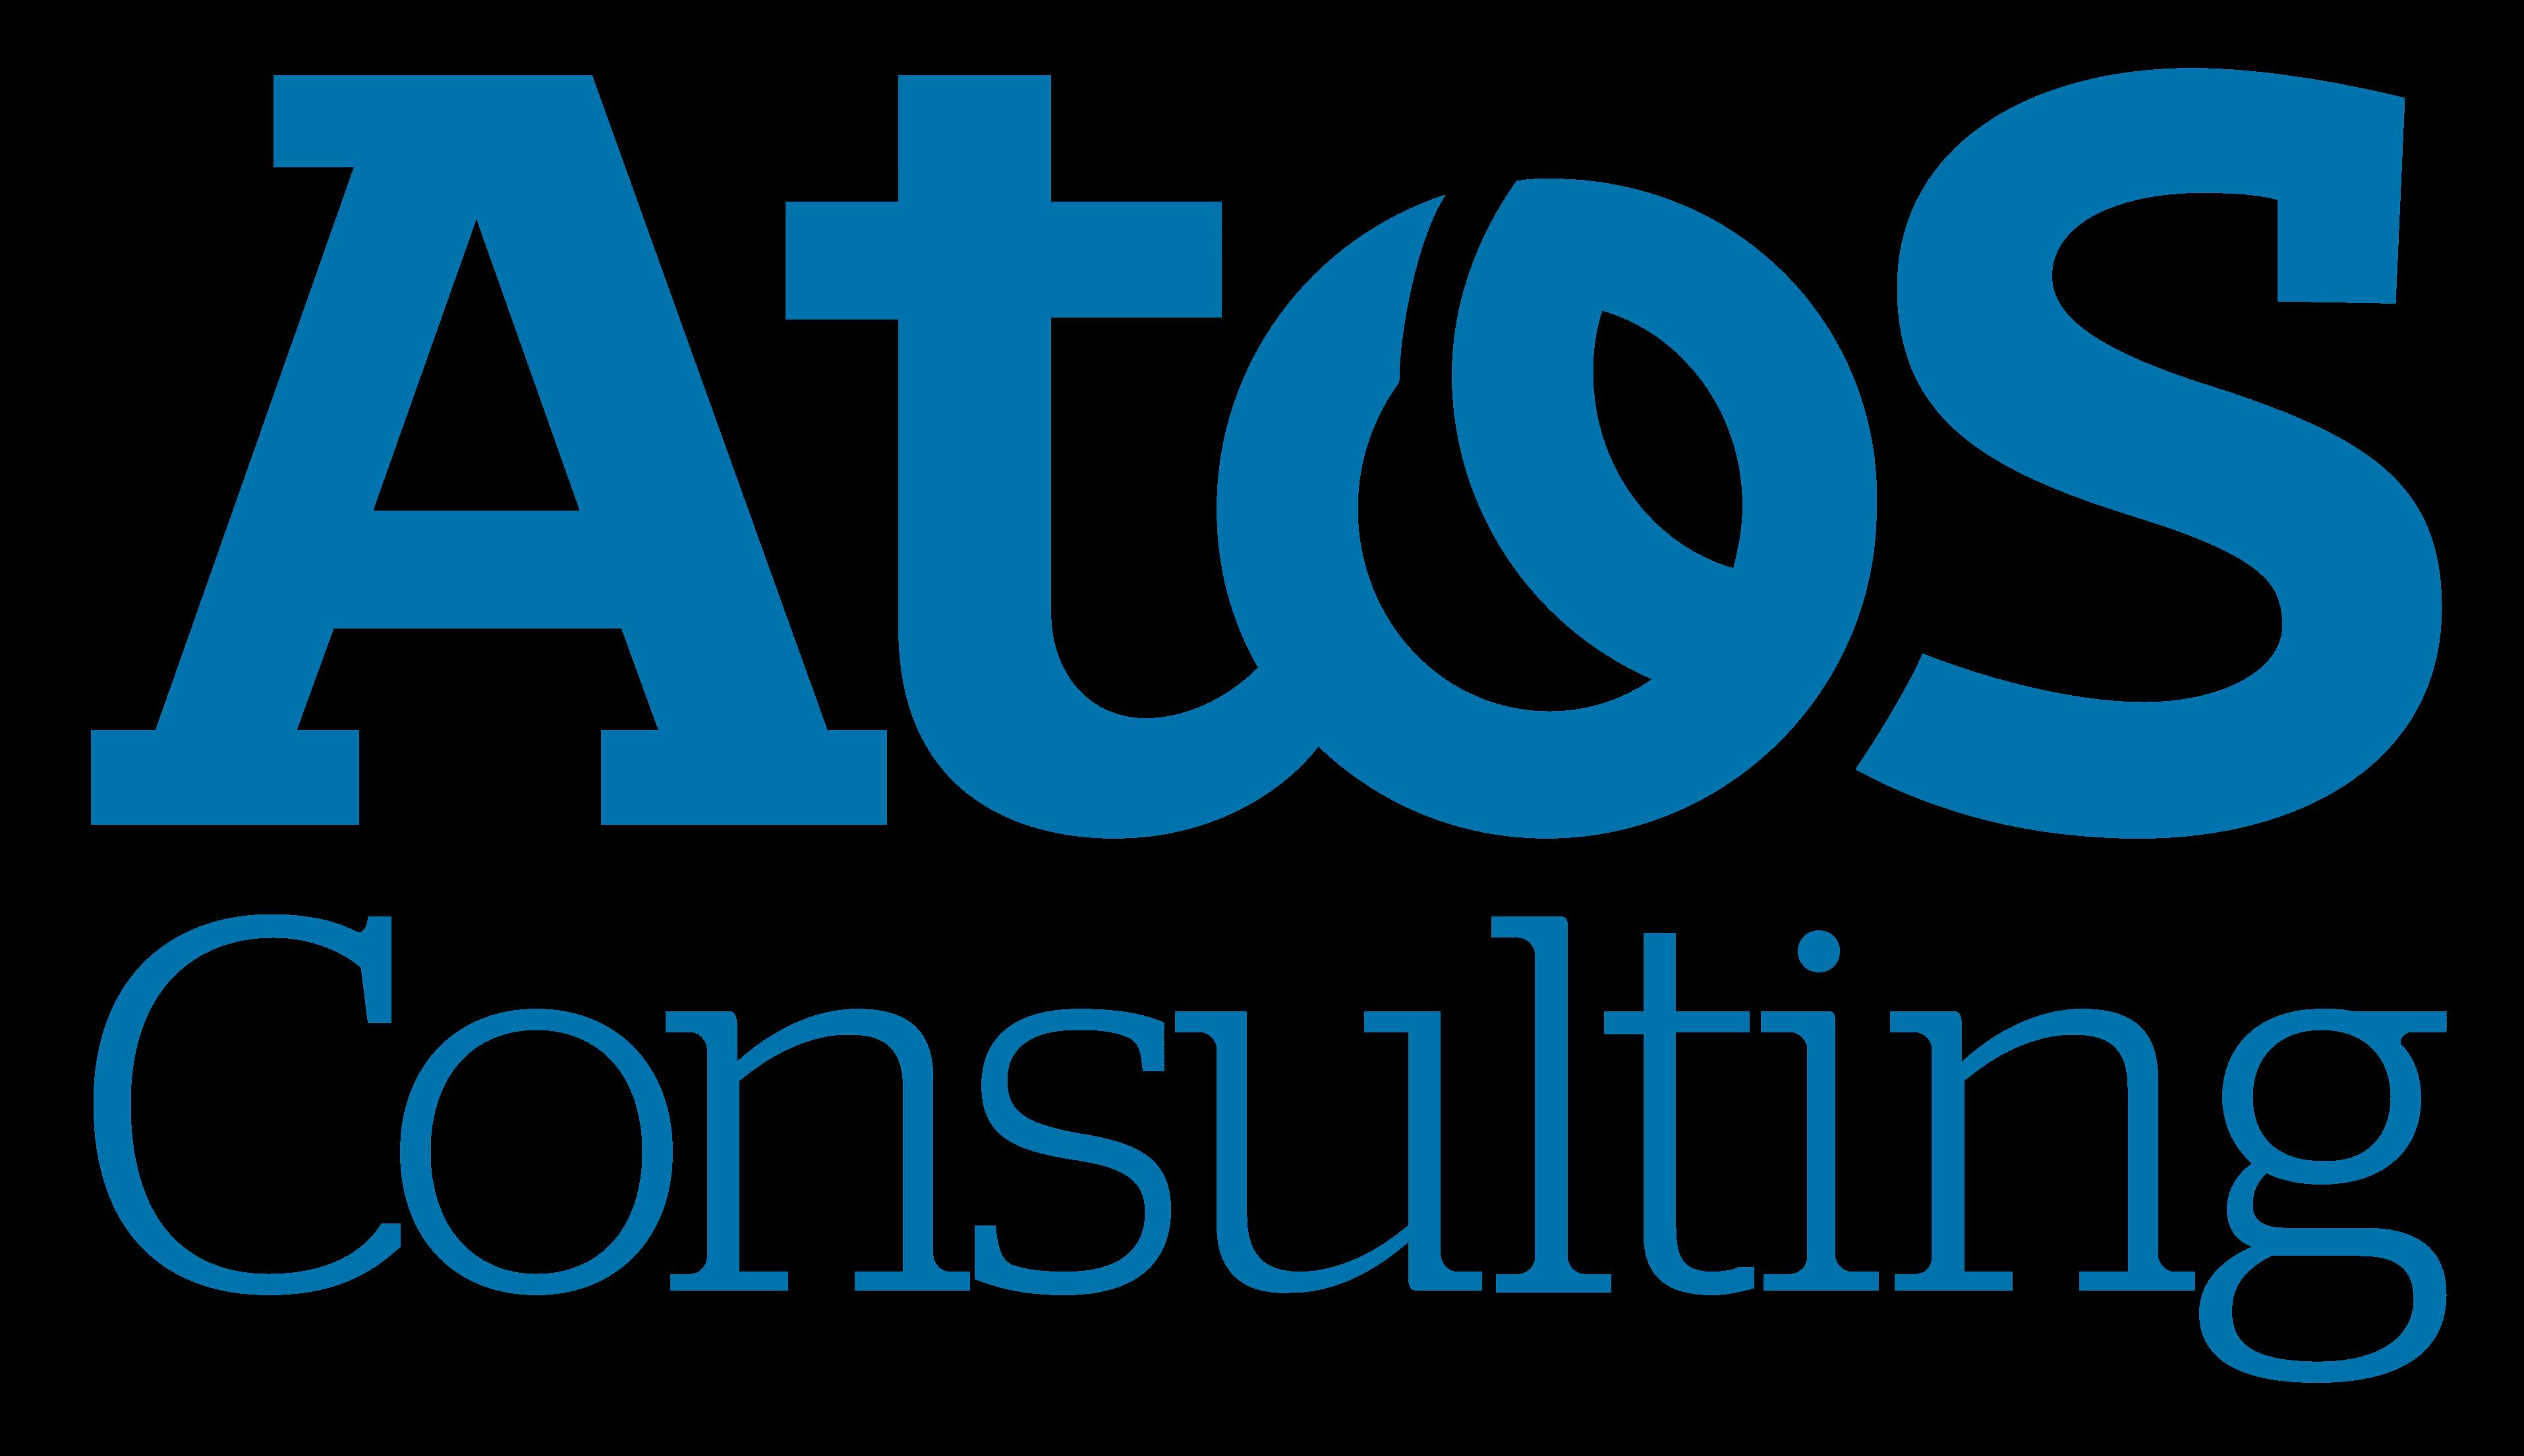 Atos logo download for free - Atos Logo PNG - Atos Vector PNG